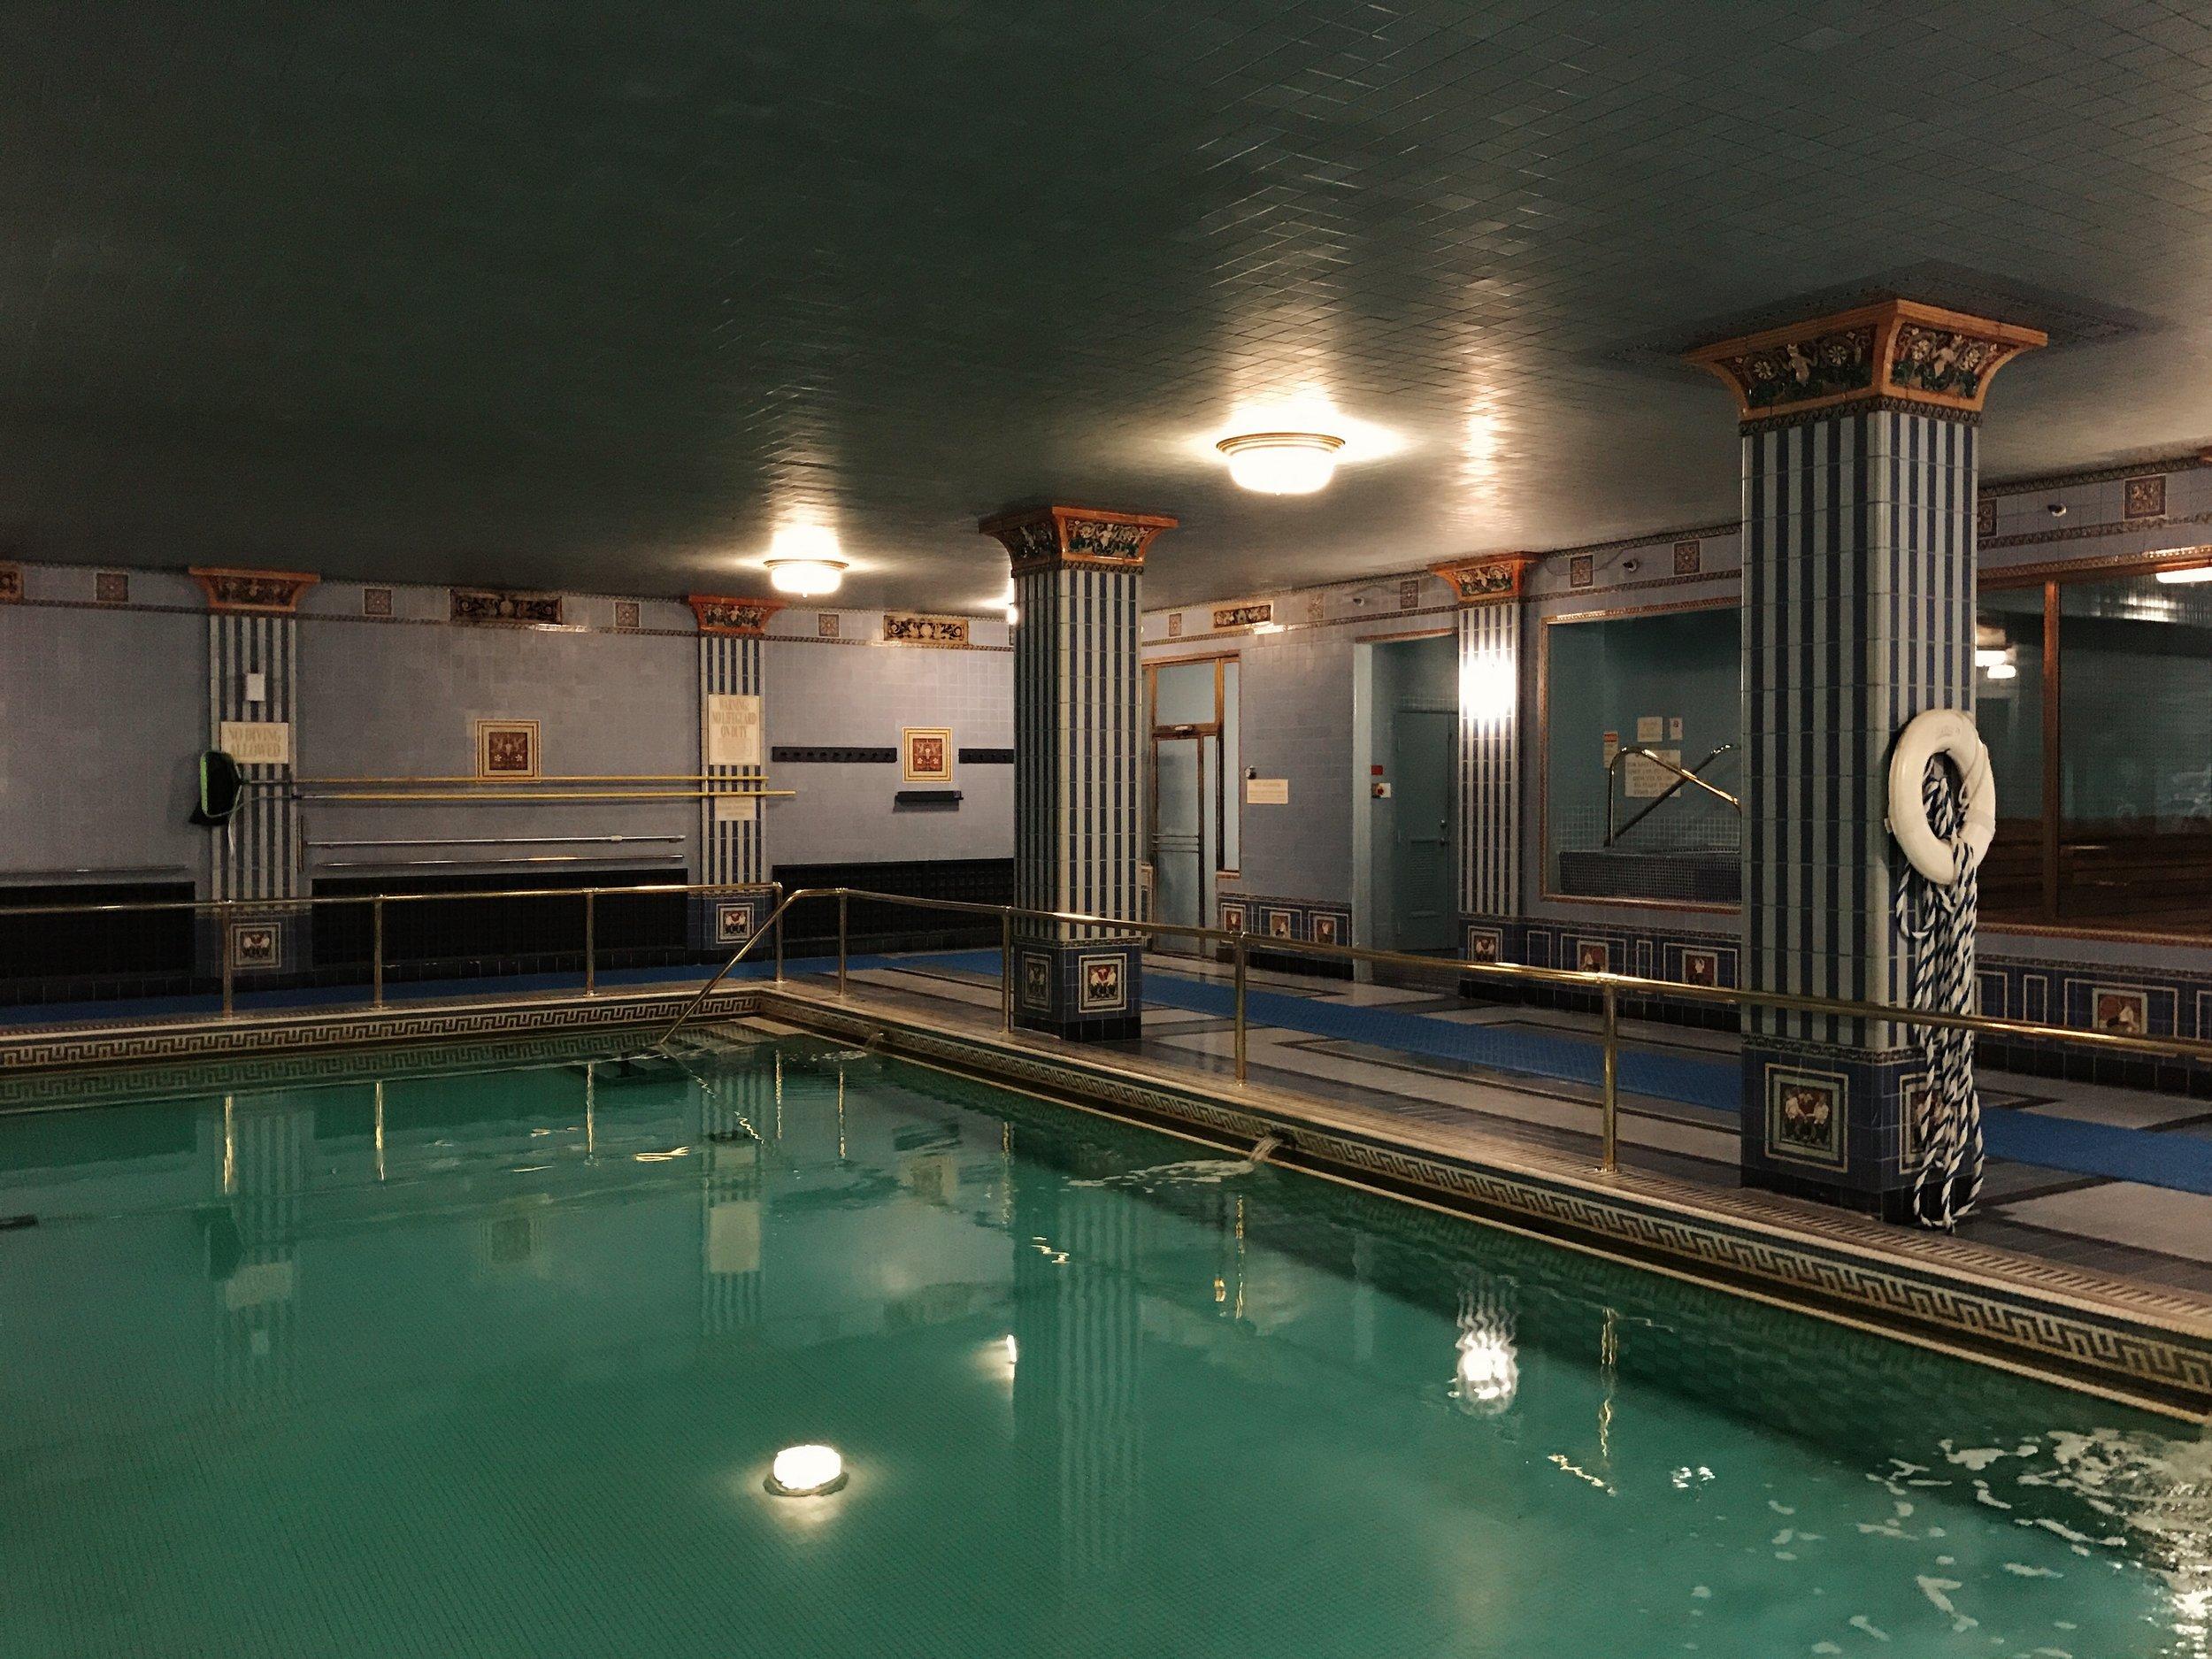 The Biltmore Pool